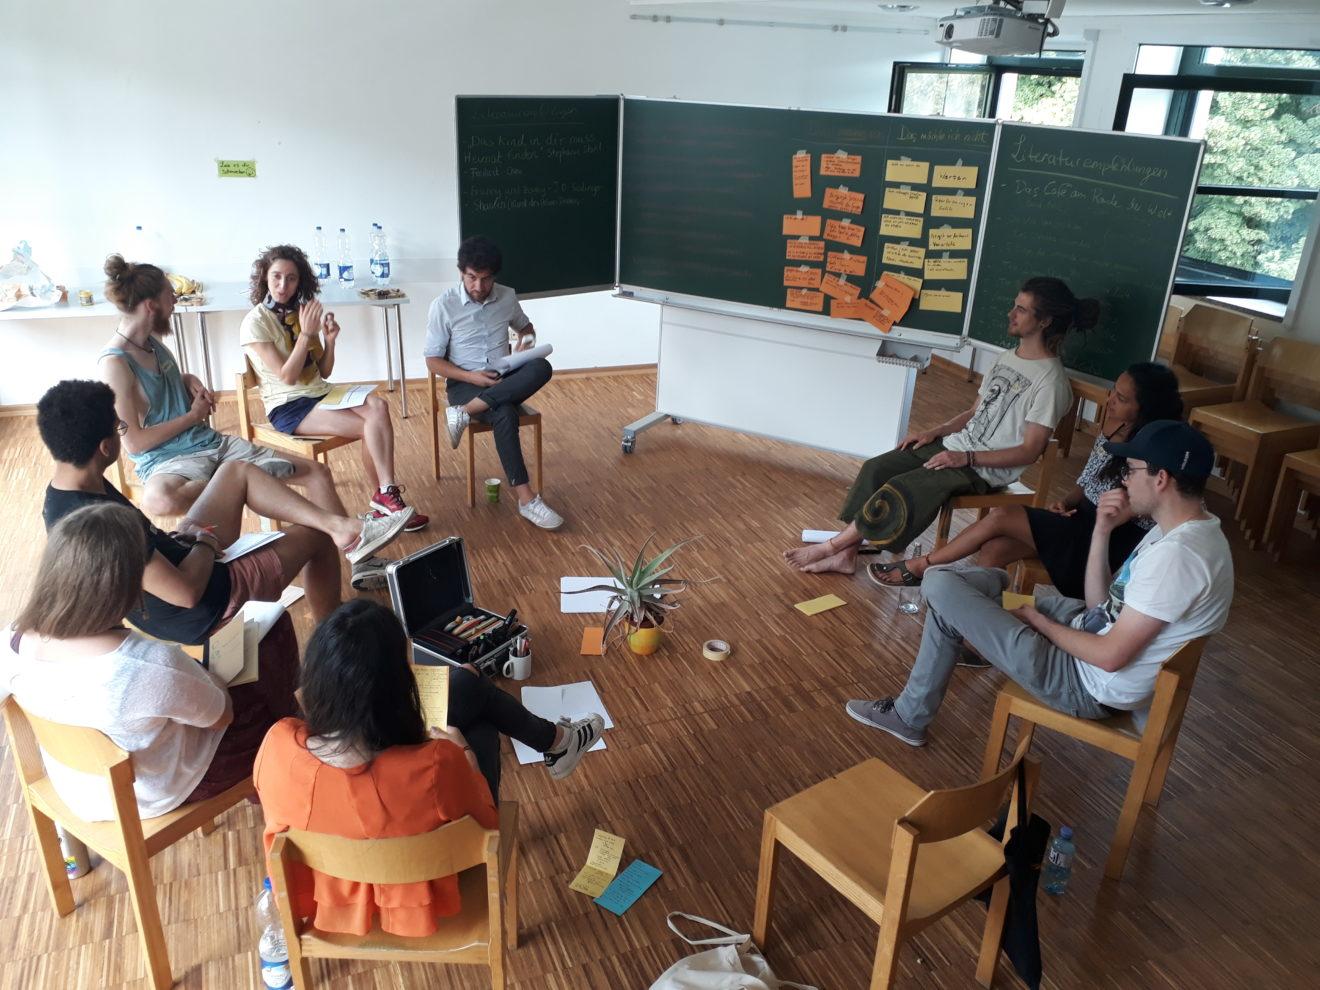 Studentenwohnheim frauen kennenlernen